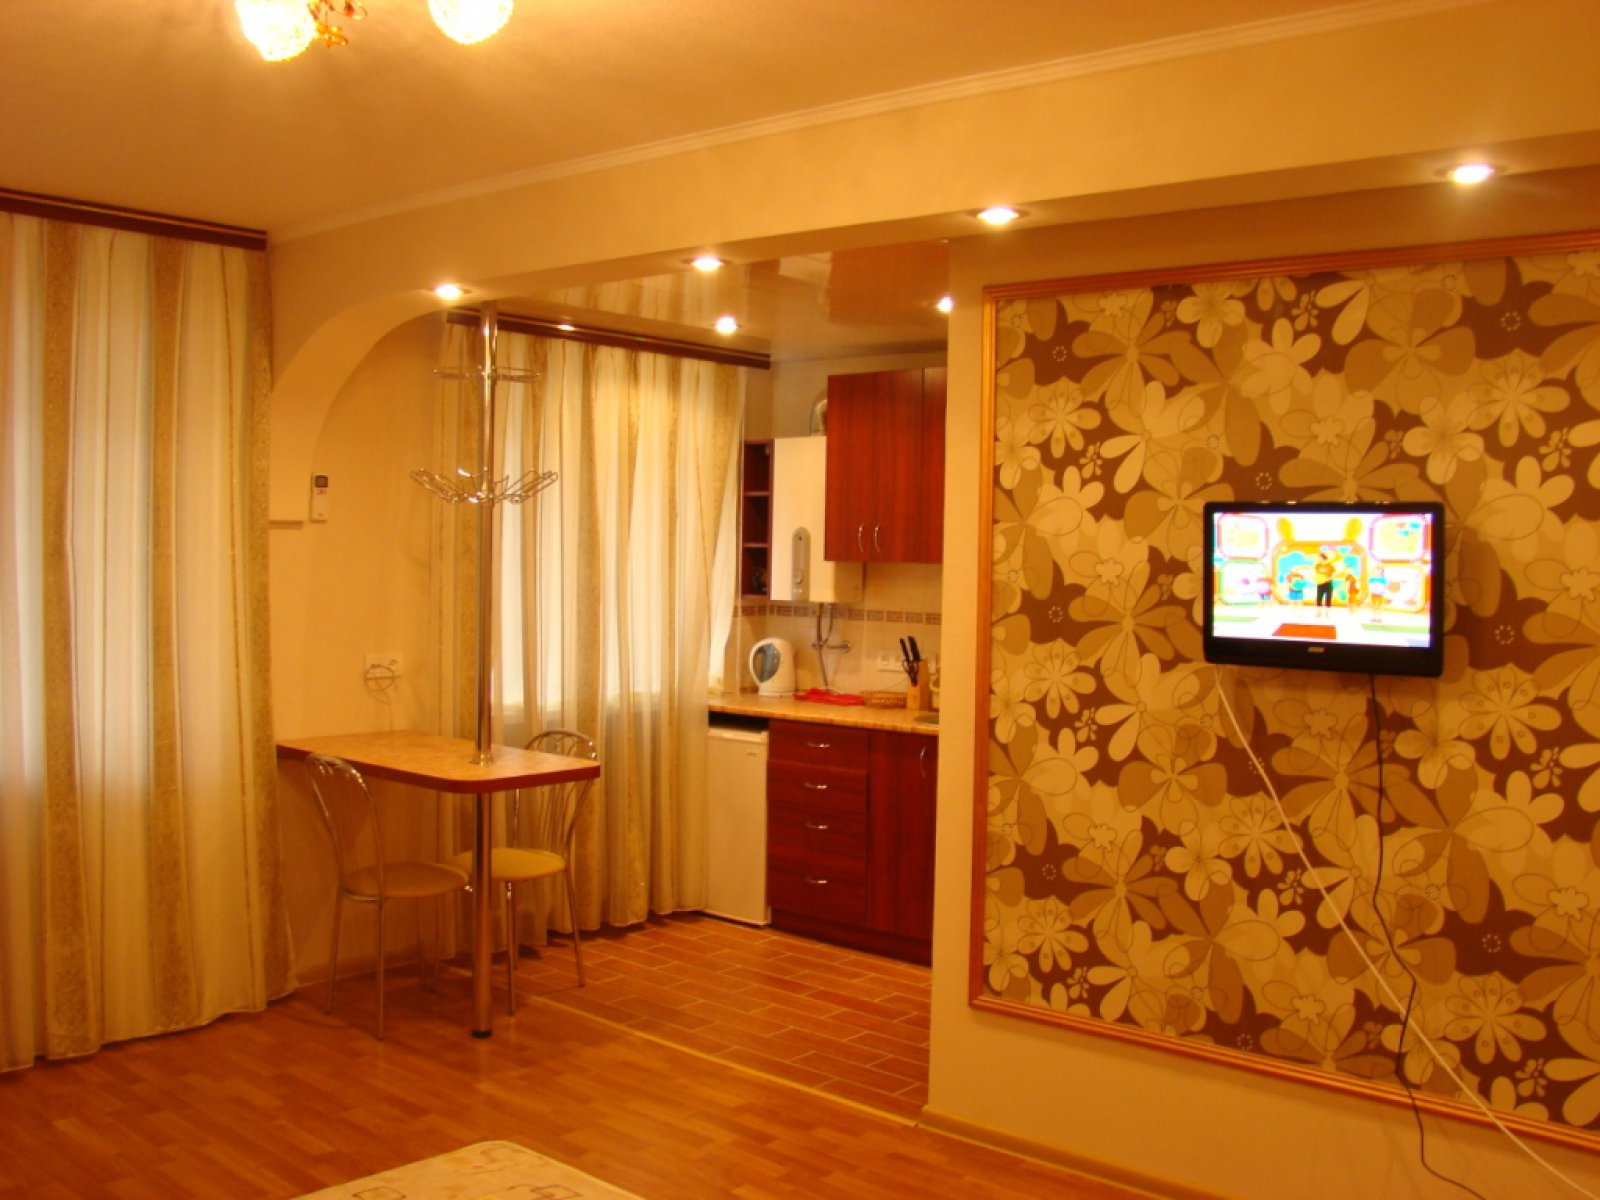 Купить 5 комнатную квартиру в центре парижа цены